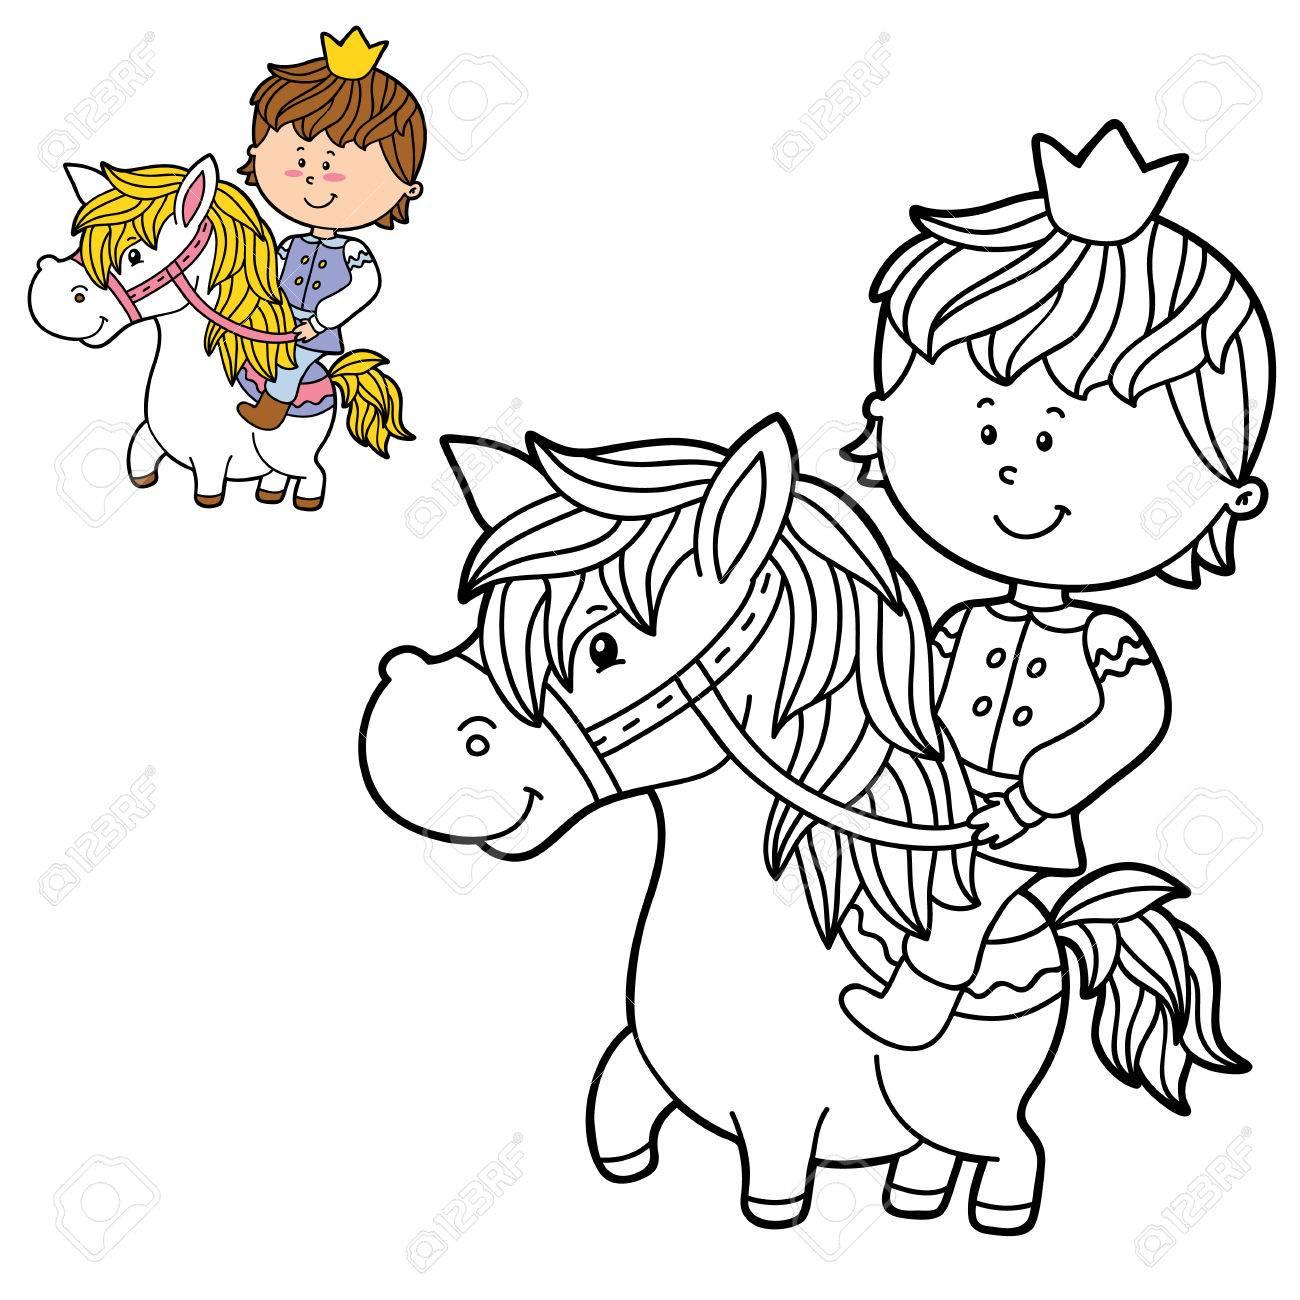 Vector Las Ilustraciones Para Colorear Página De Niño Feliz De Dibujos Animados Para Niños Colorear Y álbum De Recortes